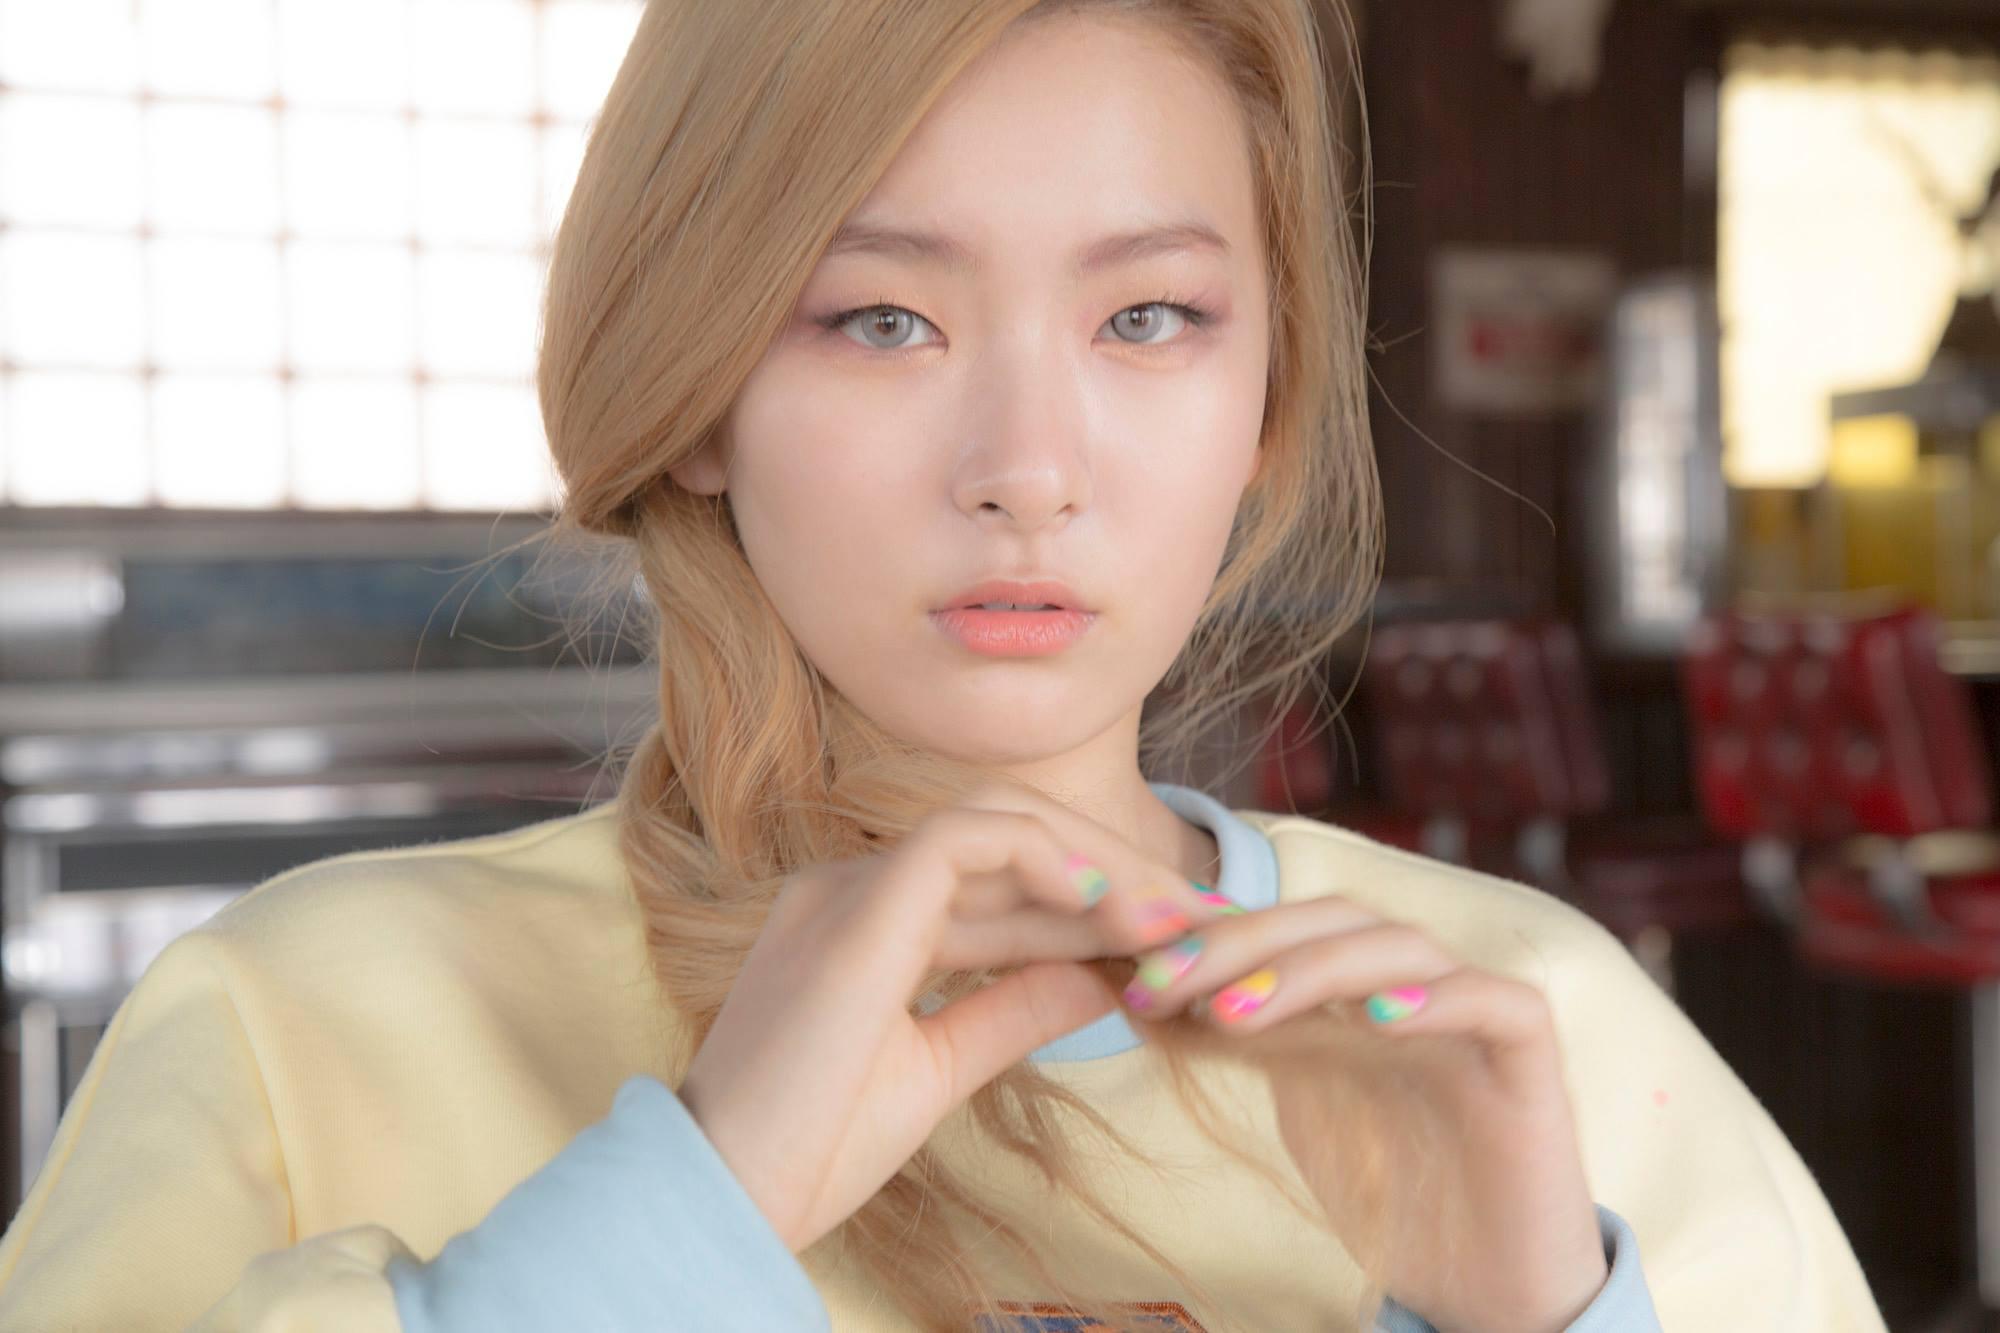 就連Red Velvet瑟琪的名字「Seul Gi」也曾被誤拼為「suelgi」…但偏偏那天還是在瑟琪的生日會上,也難怪消息傳出會被說「好尷尬」。